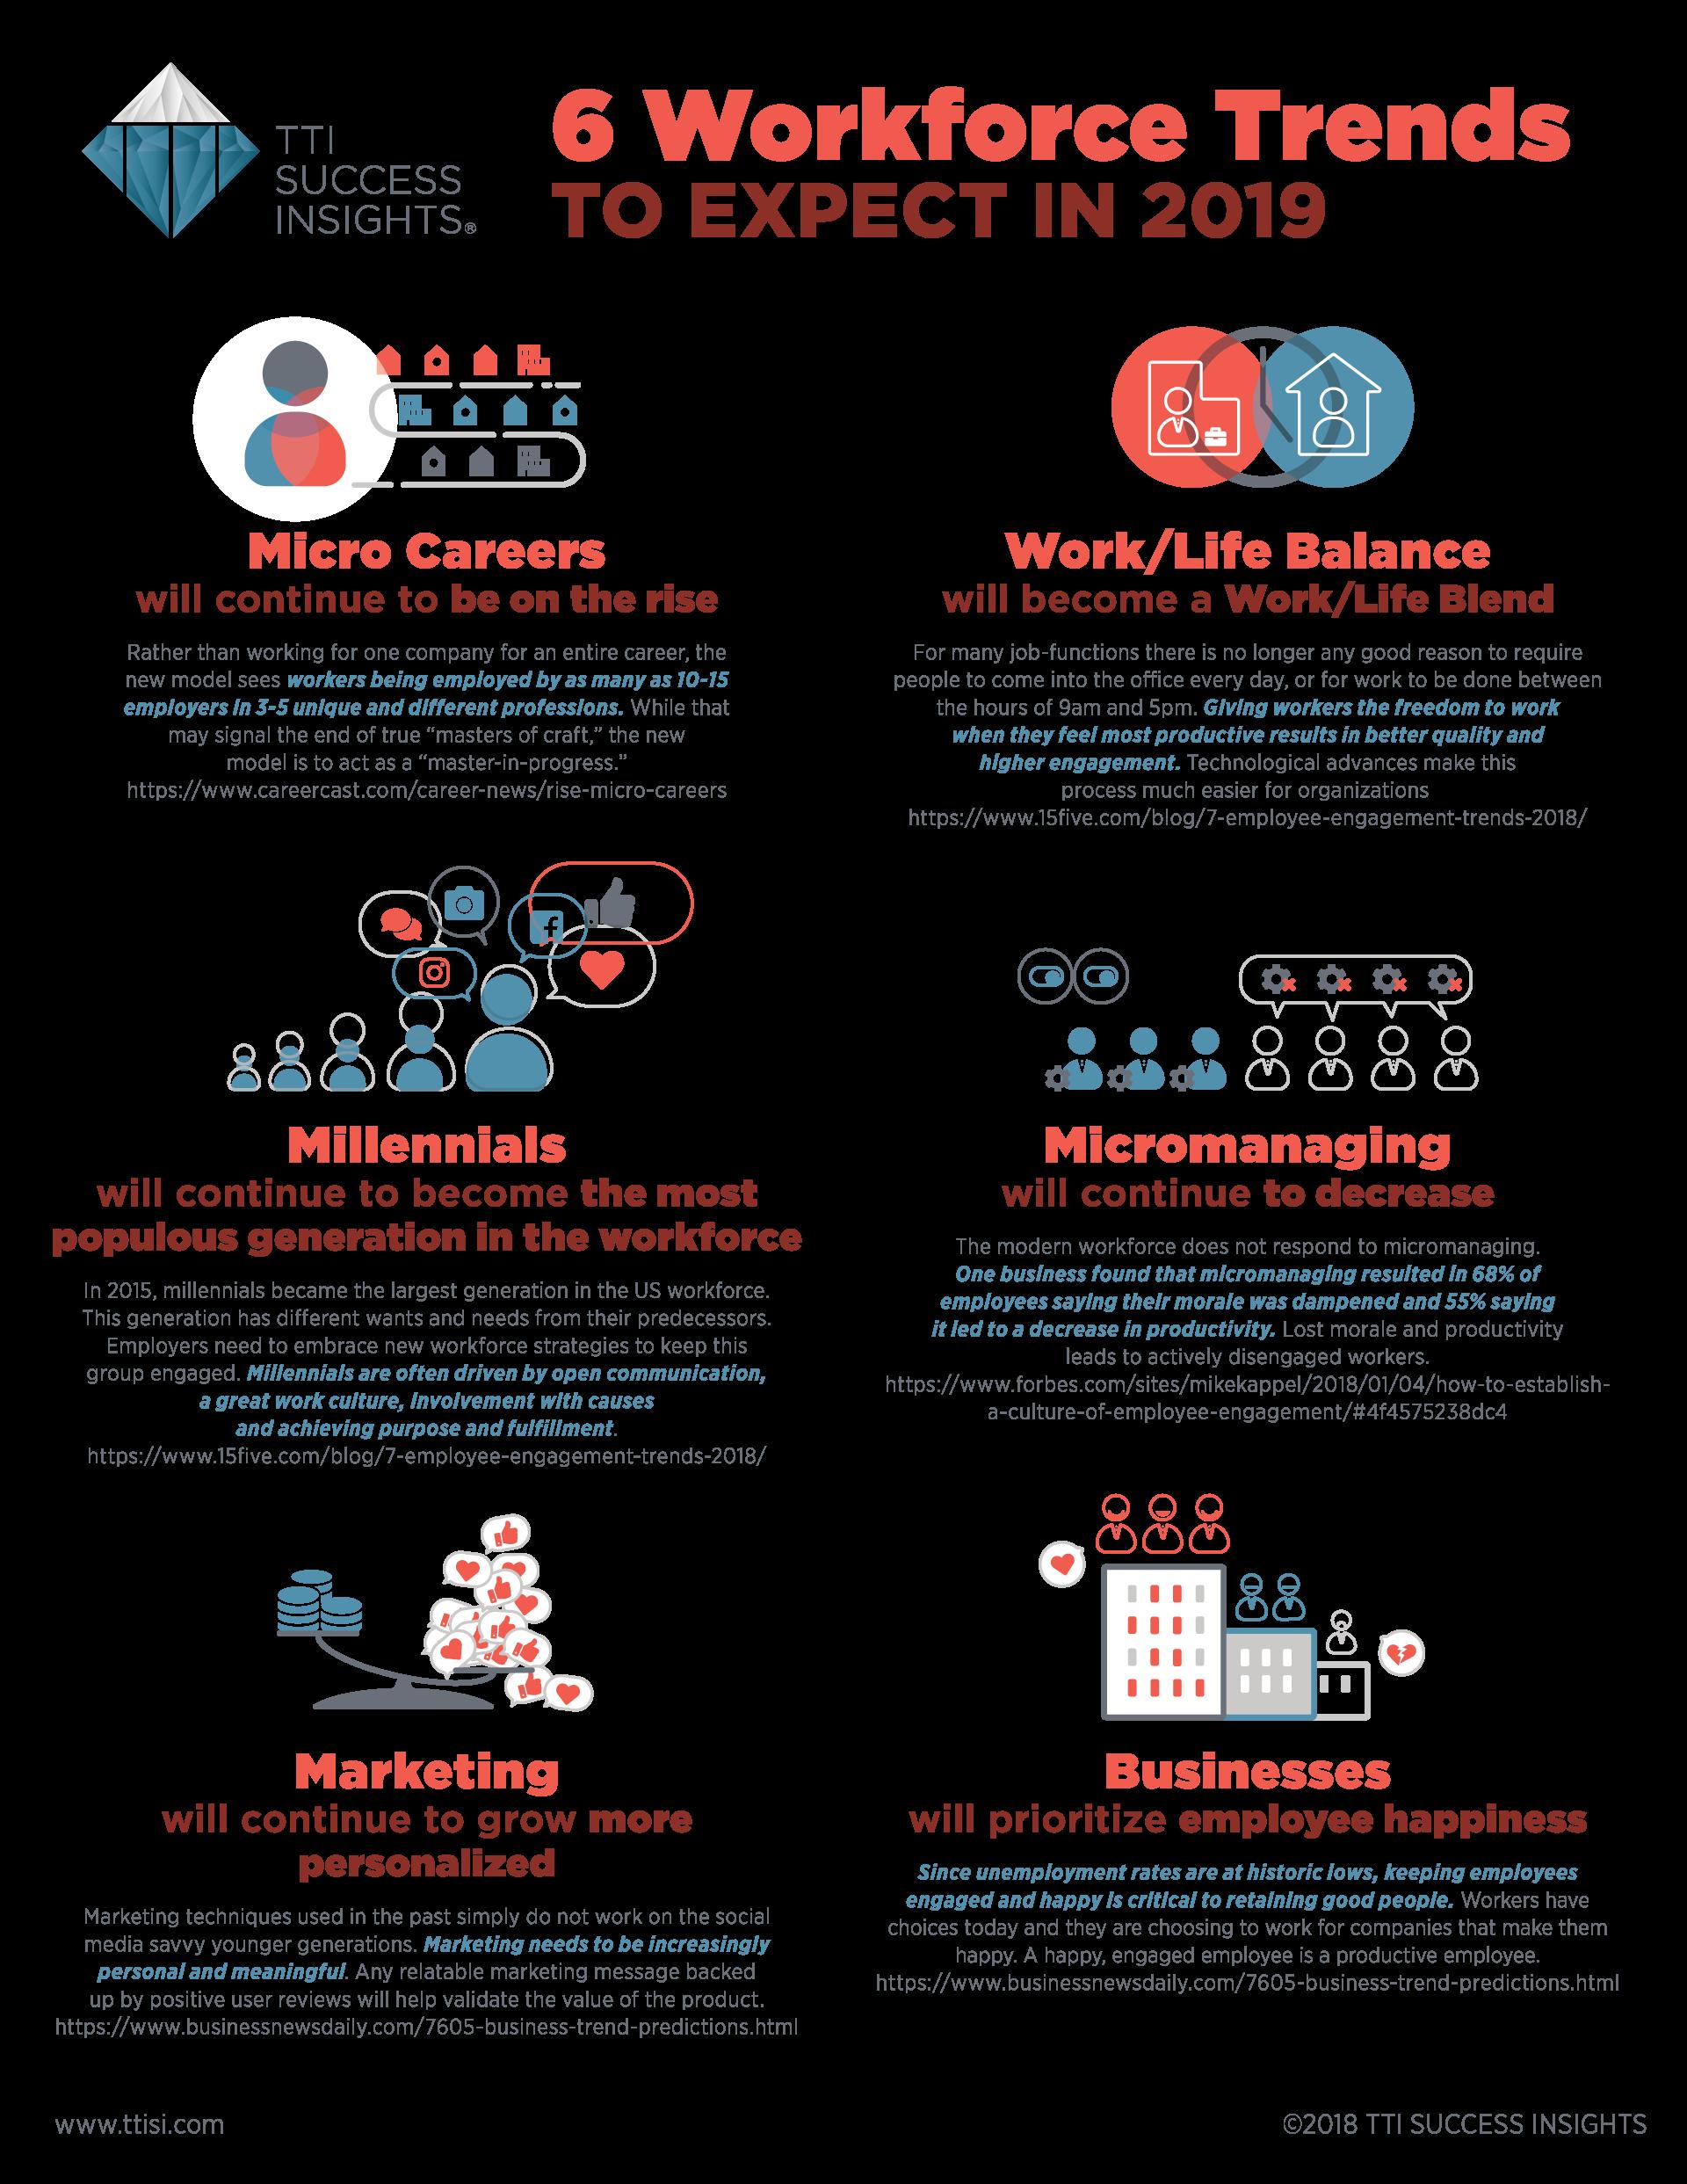 ttisi_ig_6_workforce_trends_2019